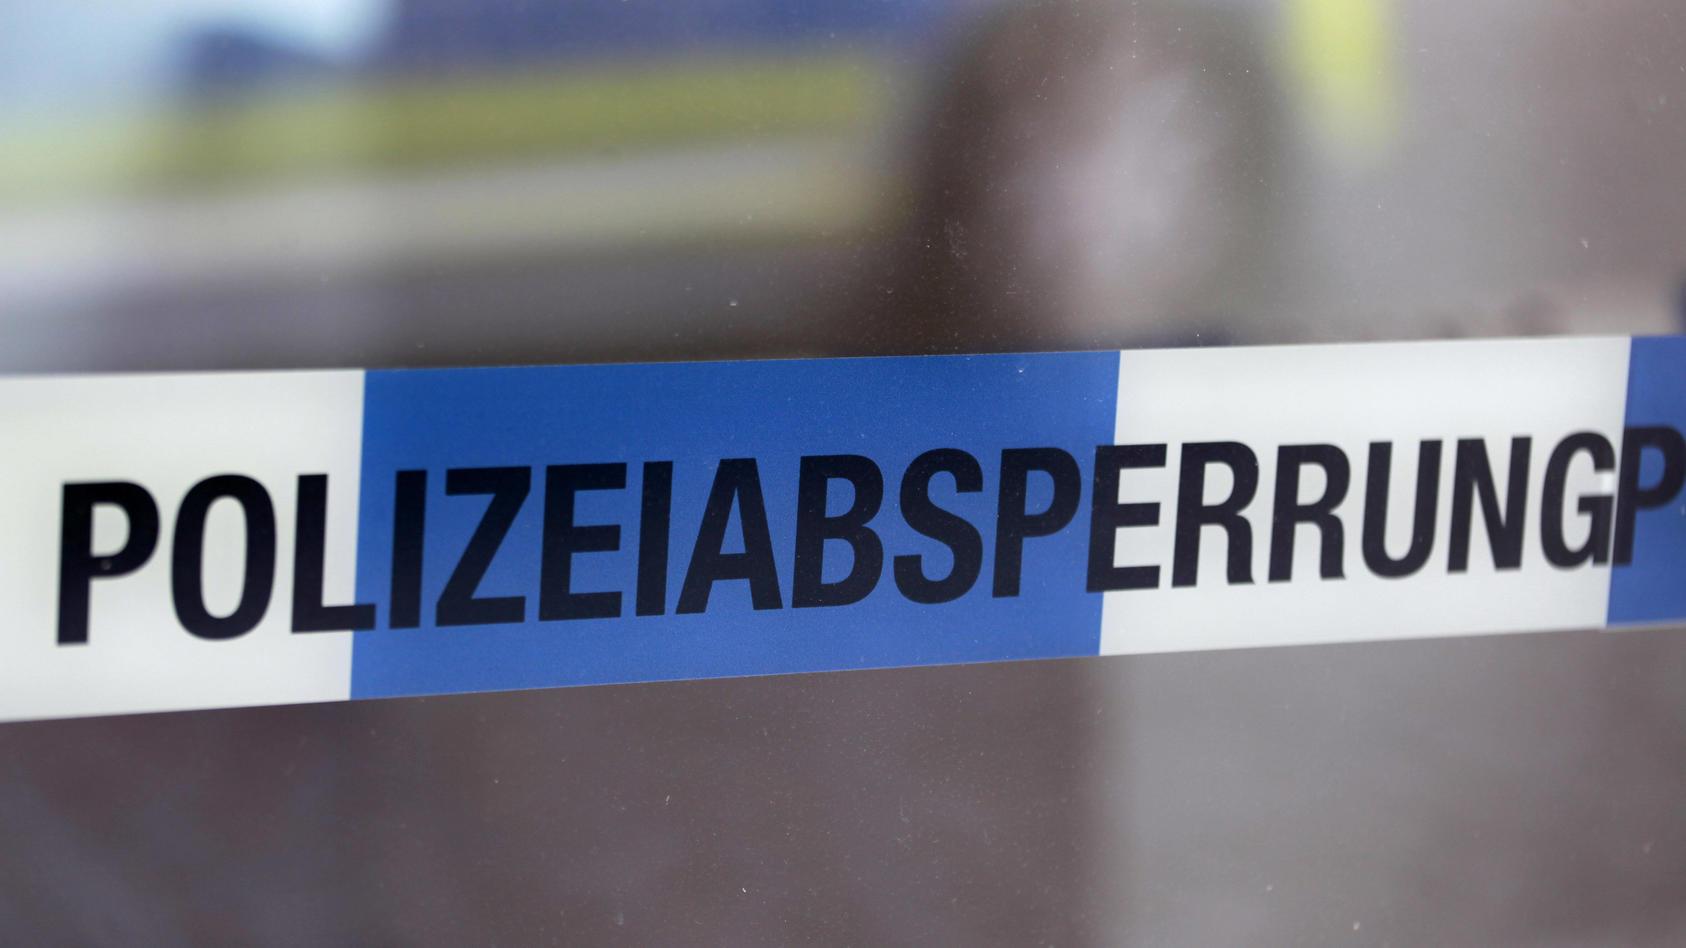 In der Nähe einer viel befahrenen Straße in Wesseling (südlich von Köln) ist ein menschliches Körperteil gefunden worden (Symbolbild).